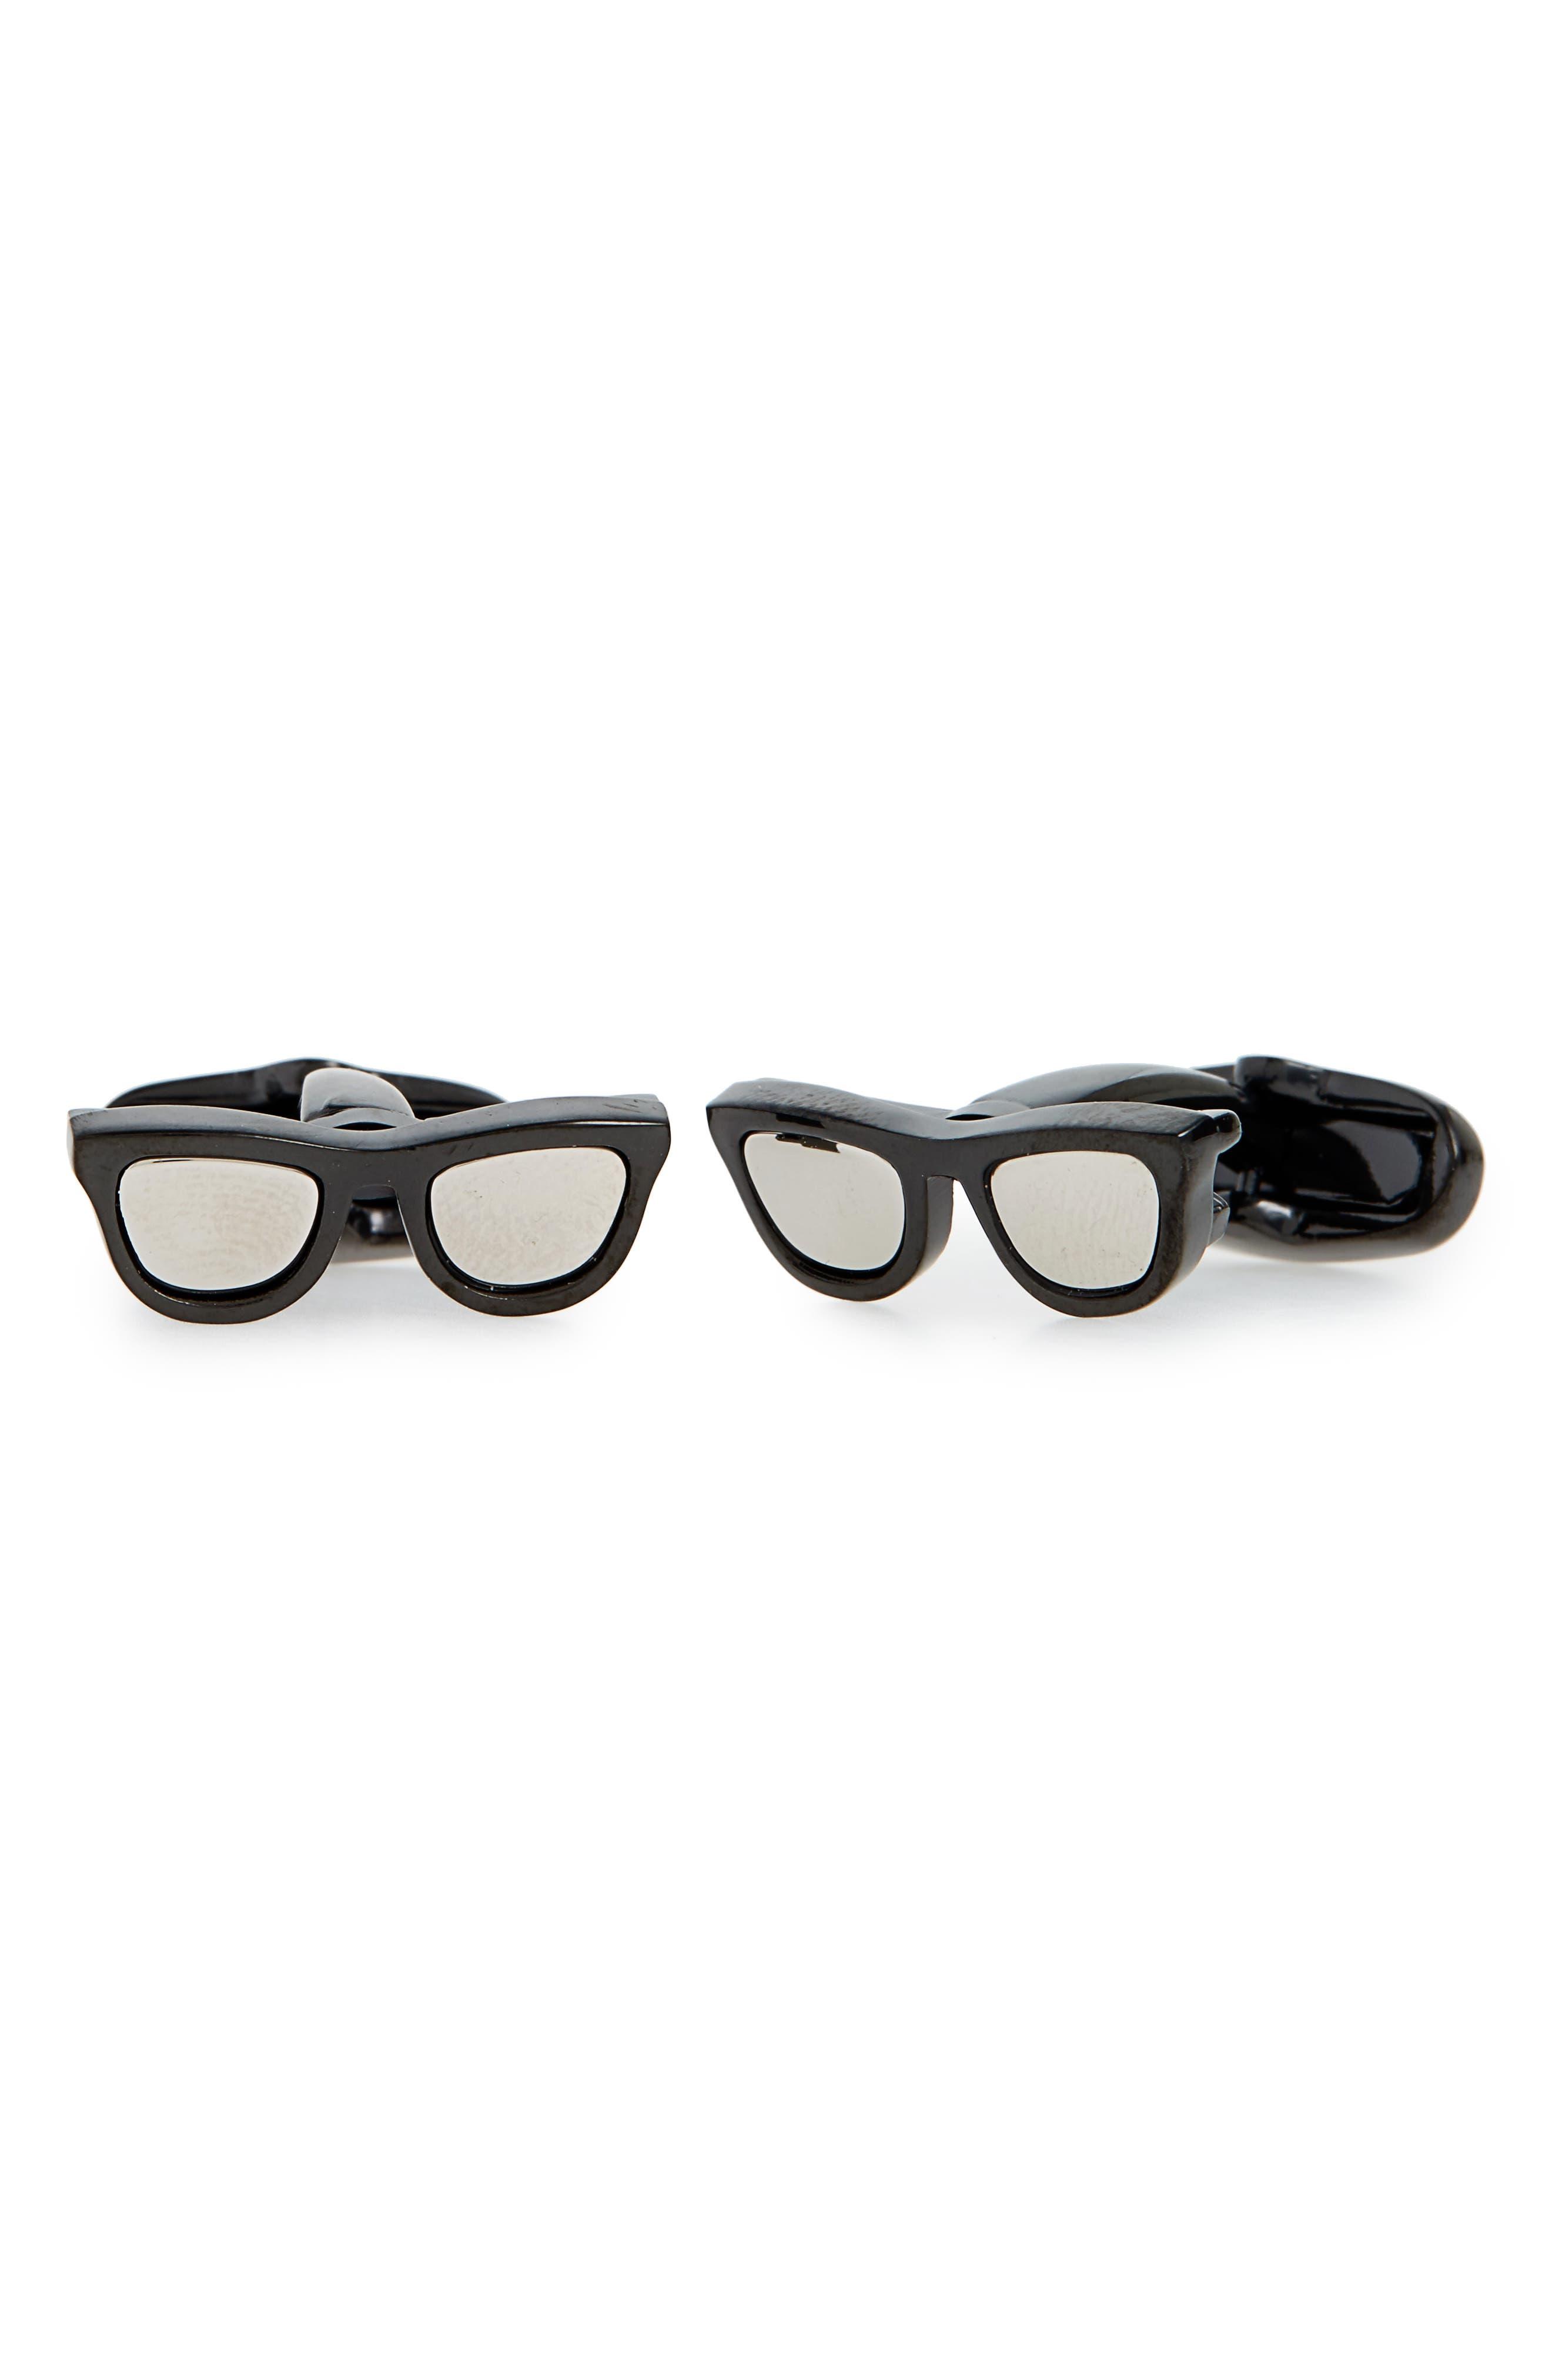 Sunglasses Cuff Links,                         Main,                         color, Silver